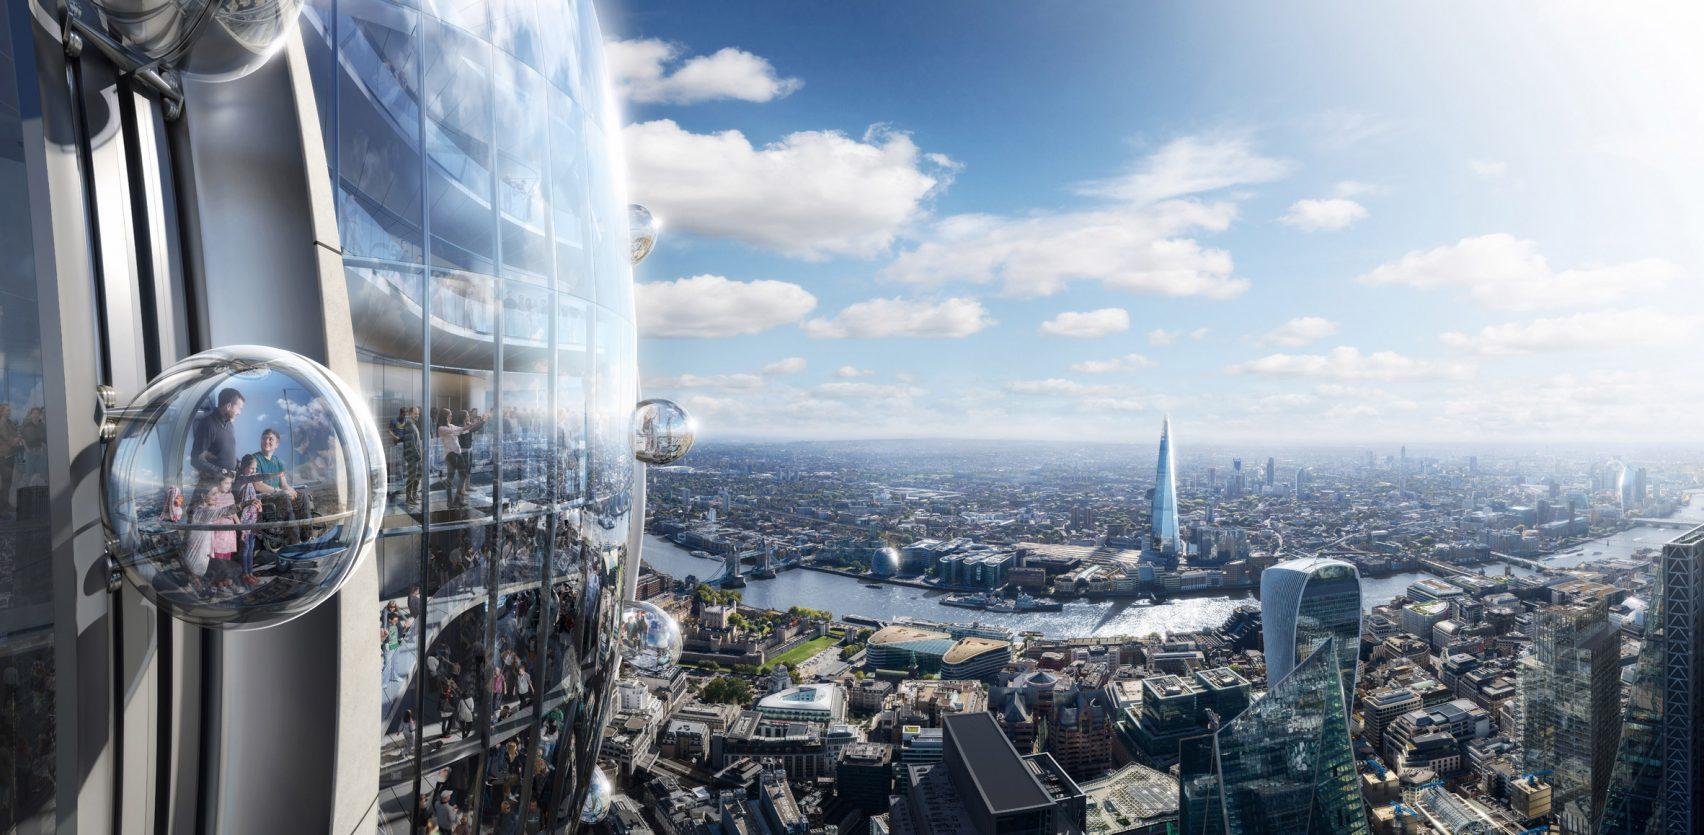 Se espera que la construcción de The Tulip comience en 2020 y finalice en 2025 / DBOX for Foster + Partners